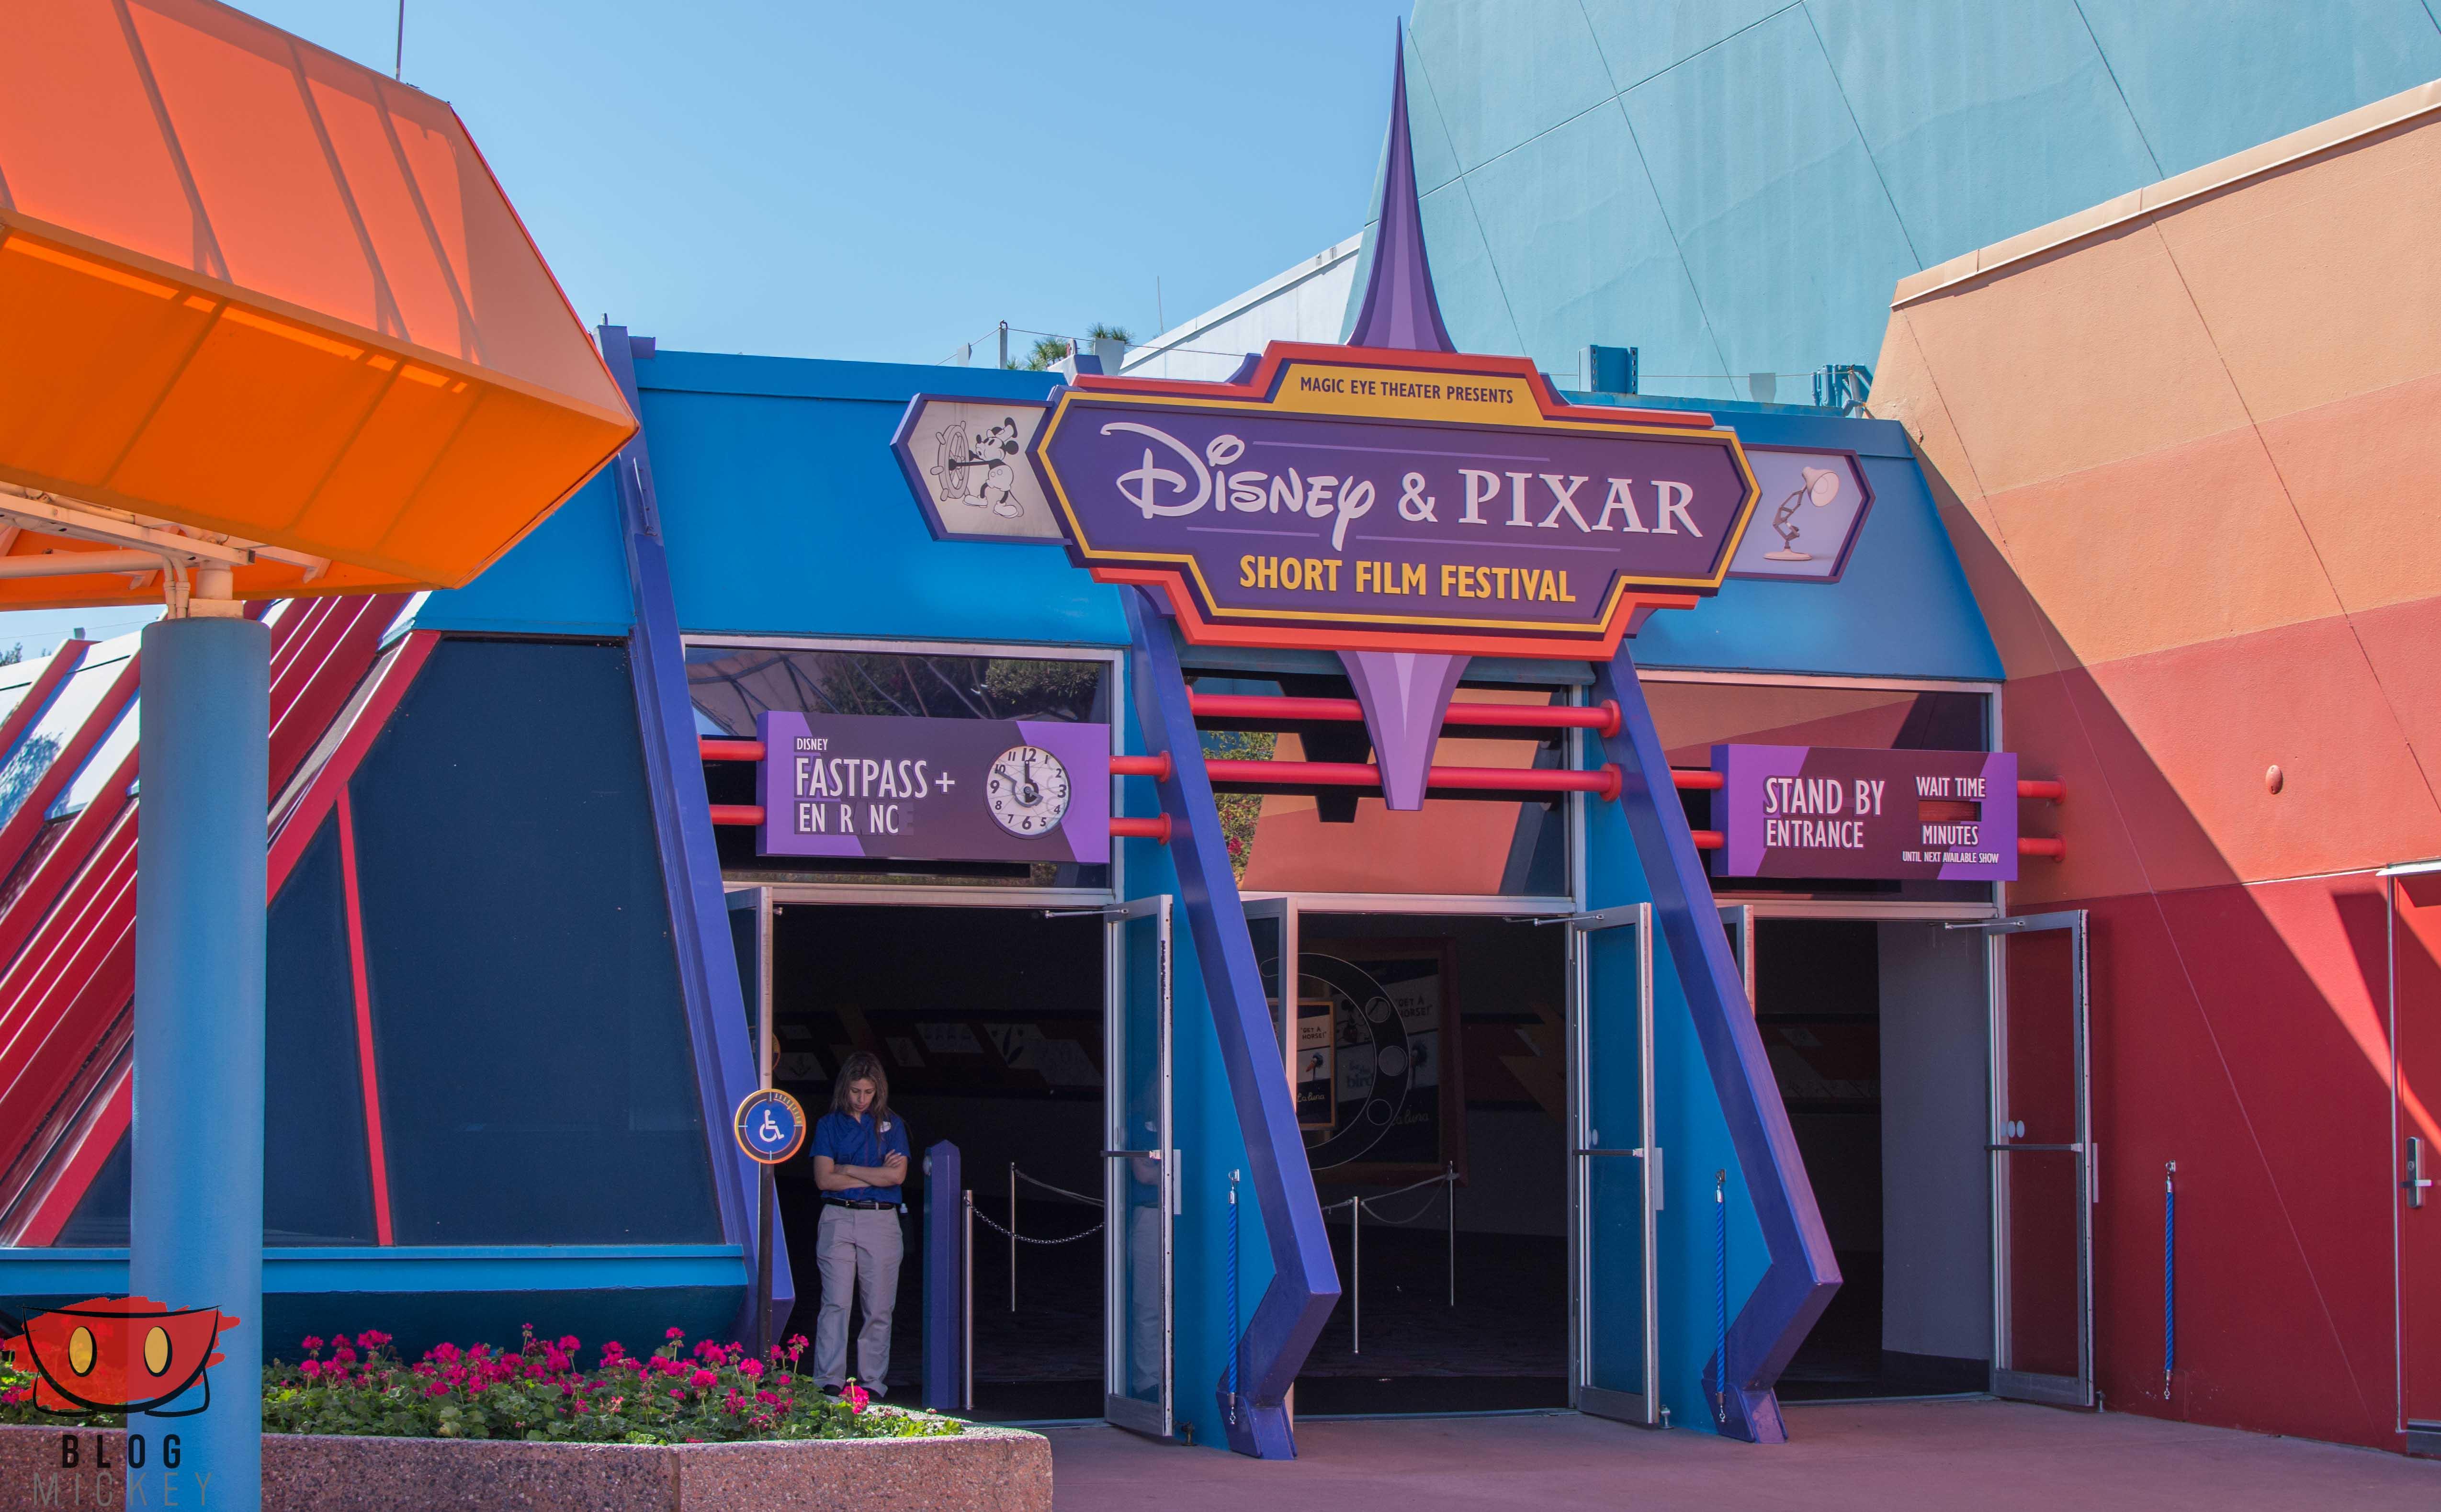 PixarShortFilmFestival_01042016-2